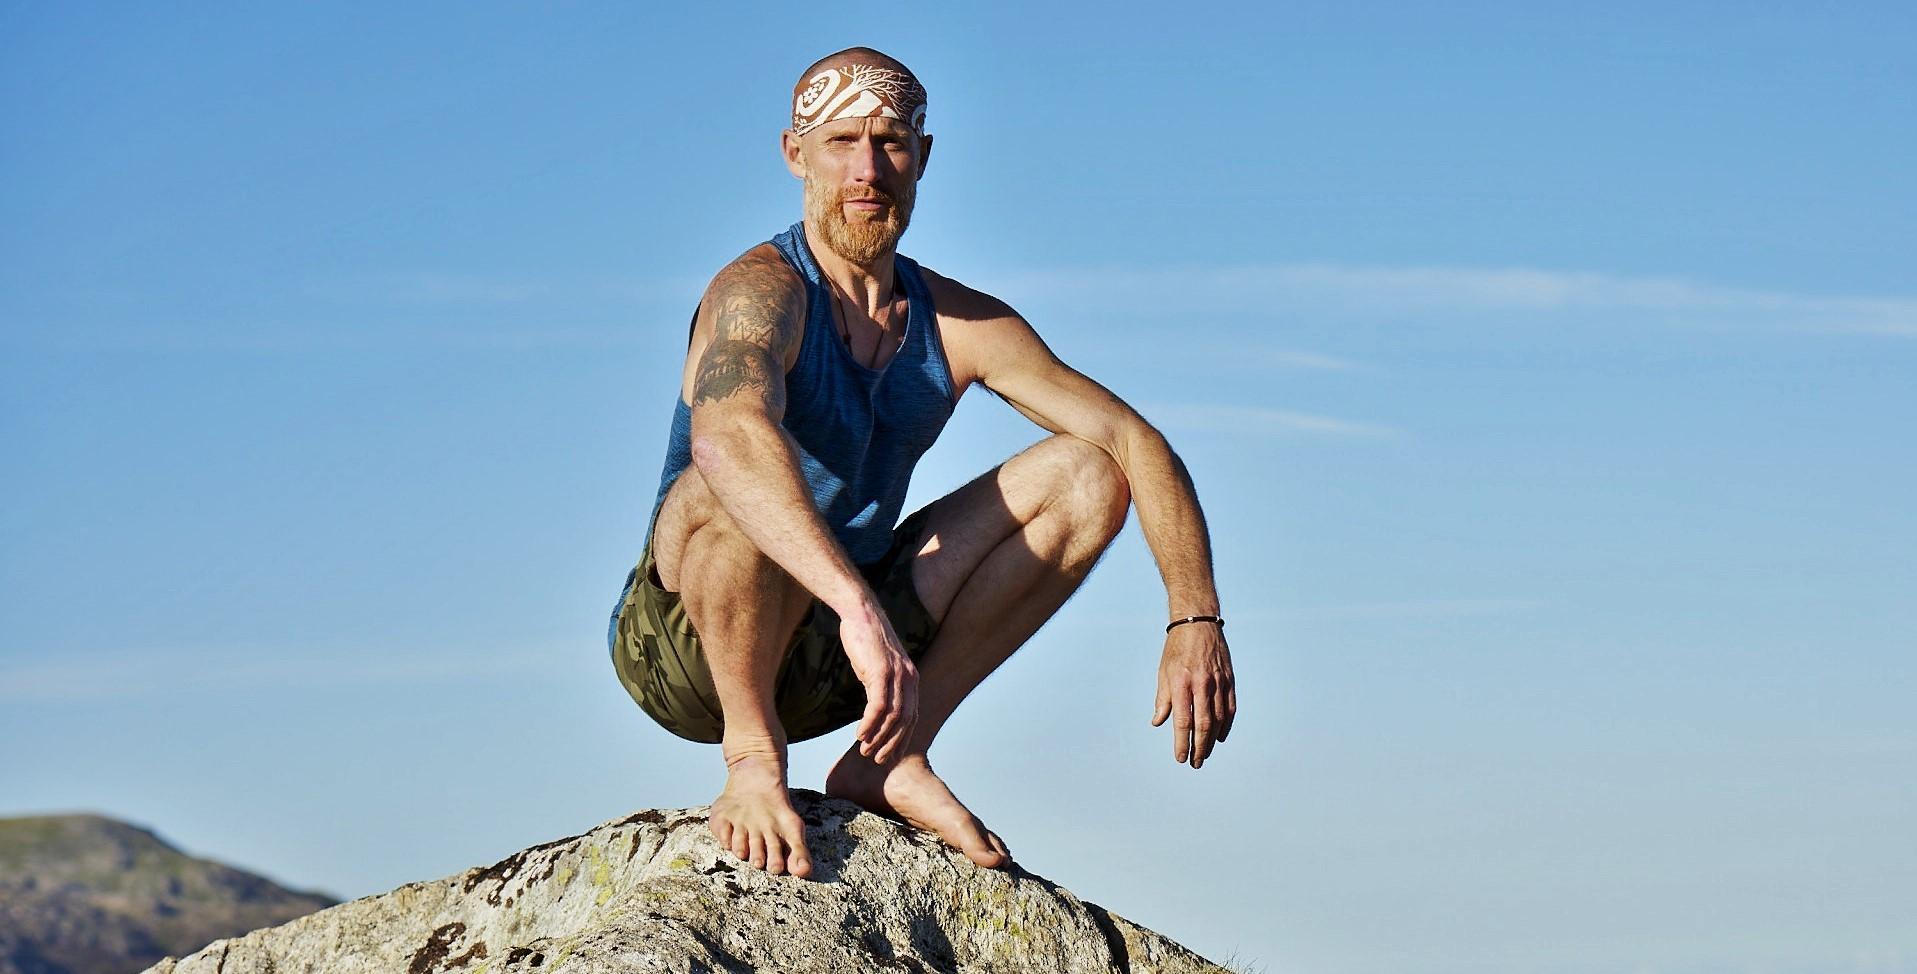 Ο άνθρωπος που έτρεξε ξυπόλητος το Three Peaks Challenge για να σώσει τους ιθαγενείς